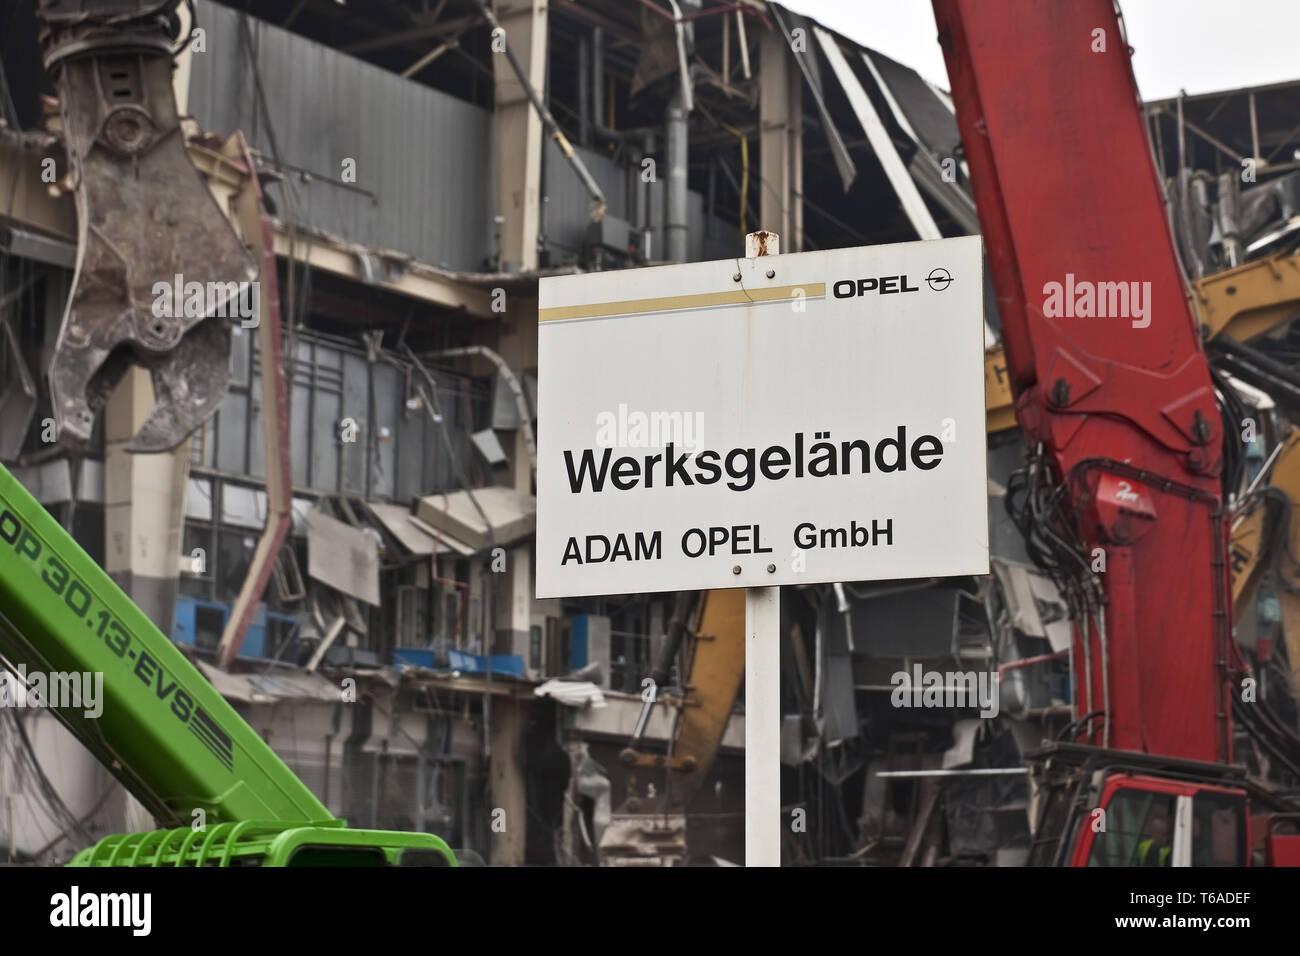 Opel Car Company segno davanti dei lavori di demolizione, Bochum, la zona della Ruhr, Germania, Europa Immagini Stock